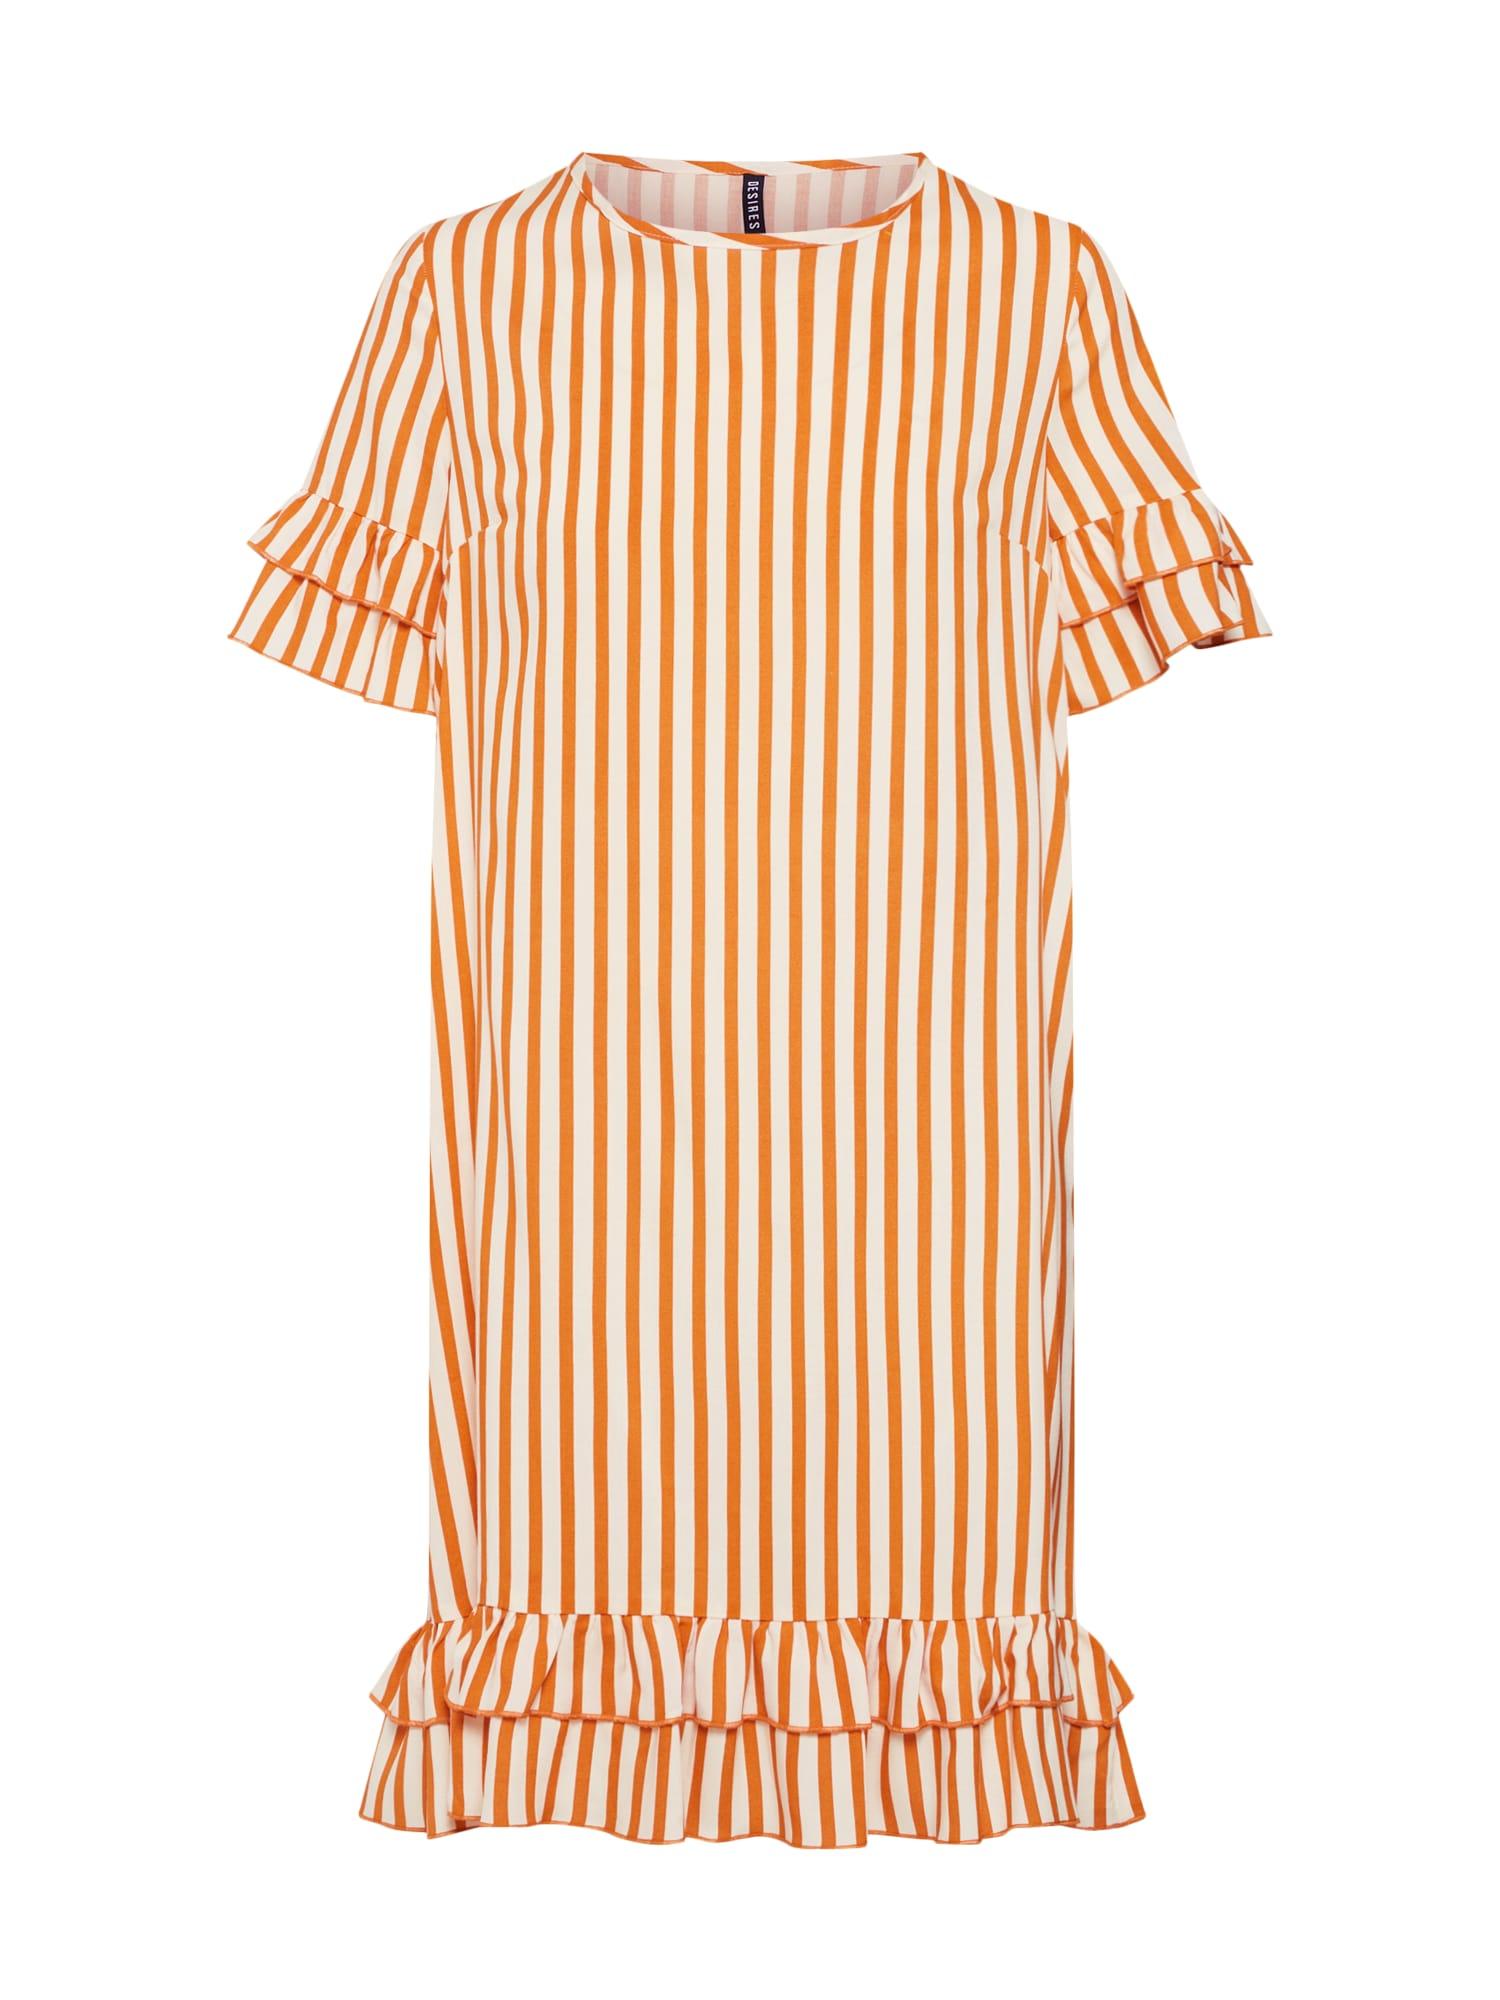 Šaty Vigdis 3 beige orange Desires